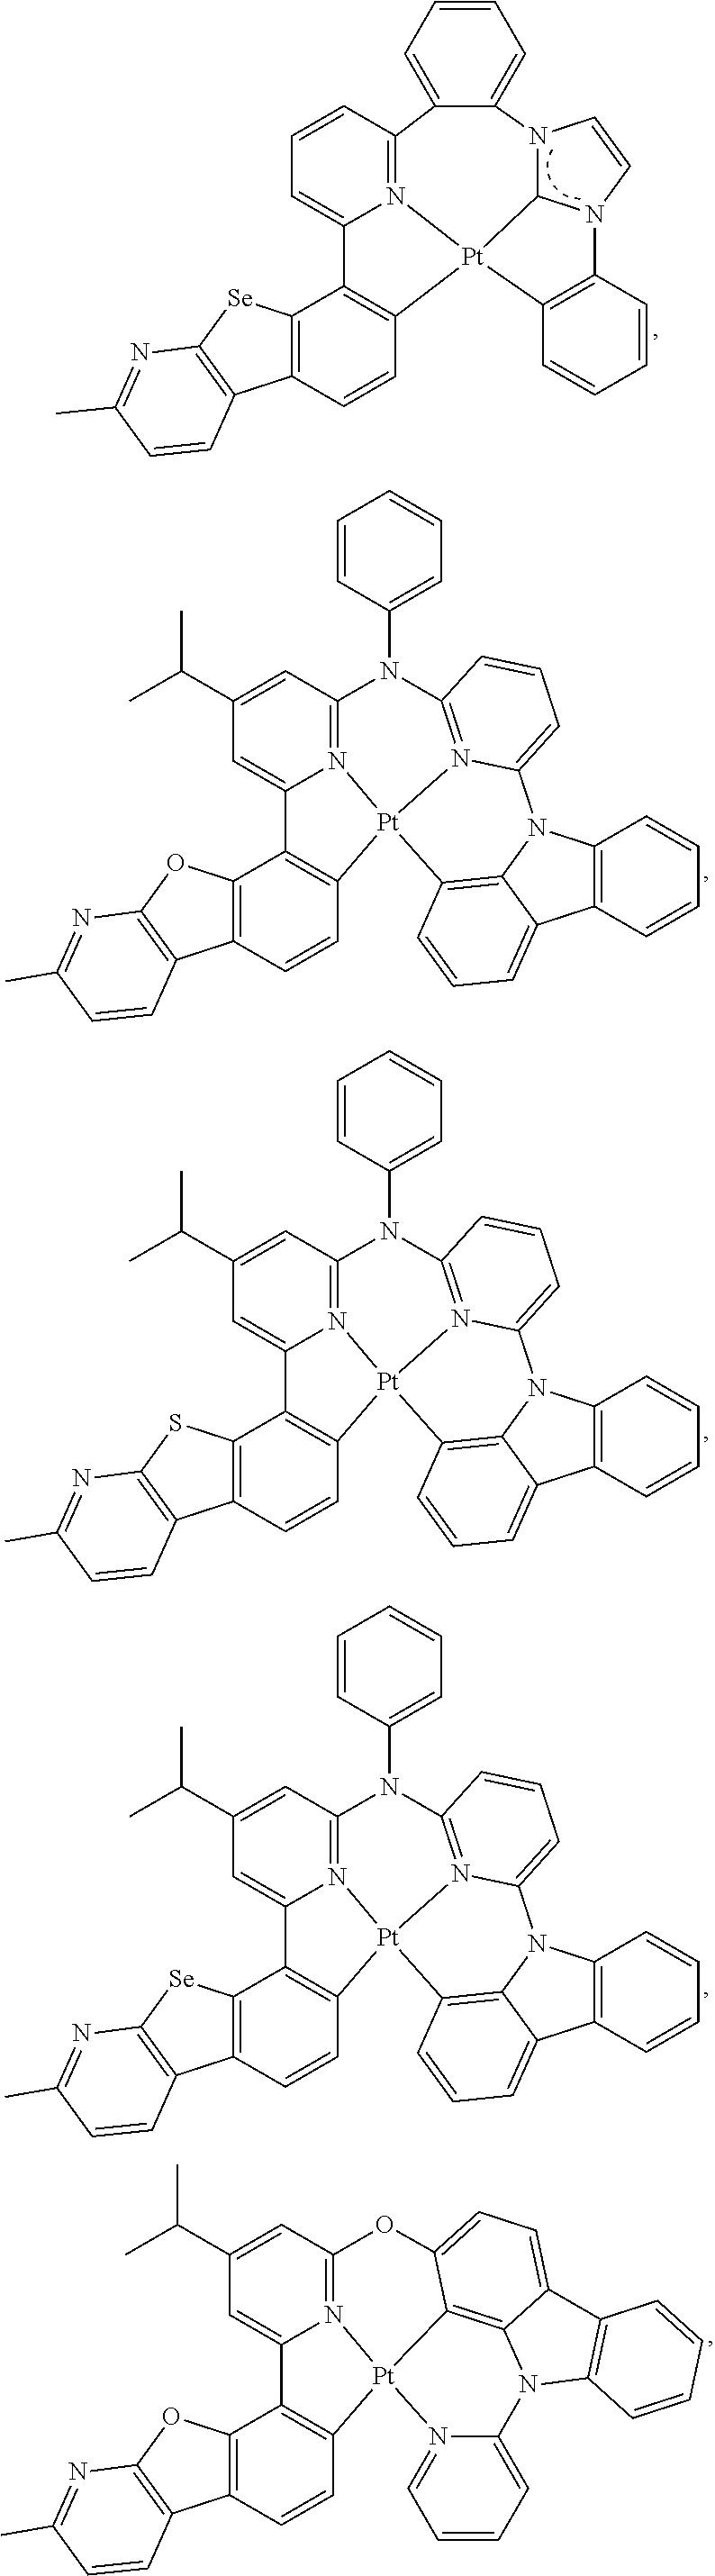 Figure US09871214-20180116-C00050